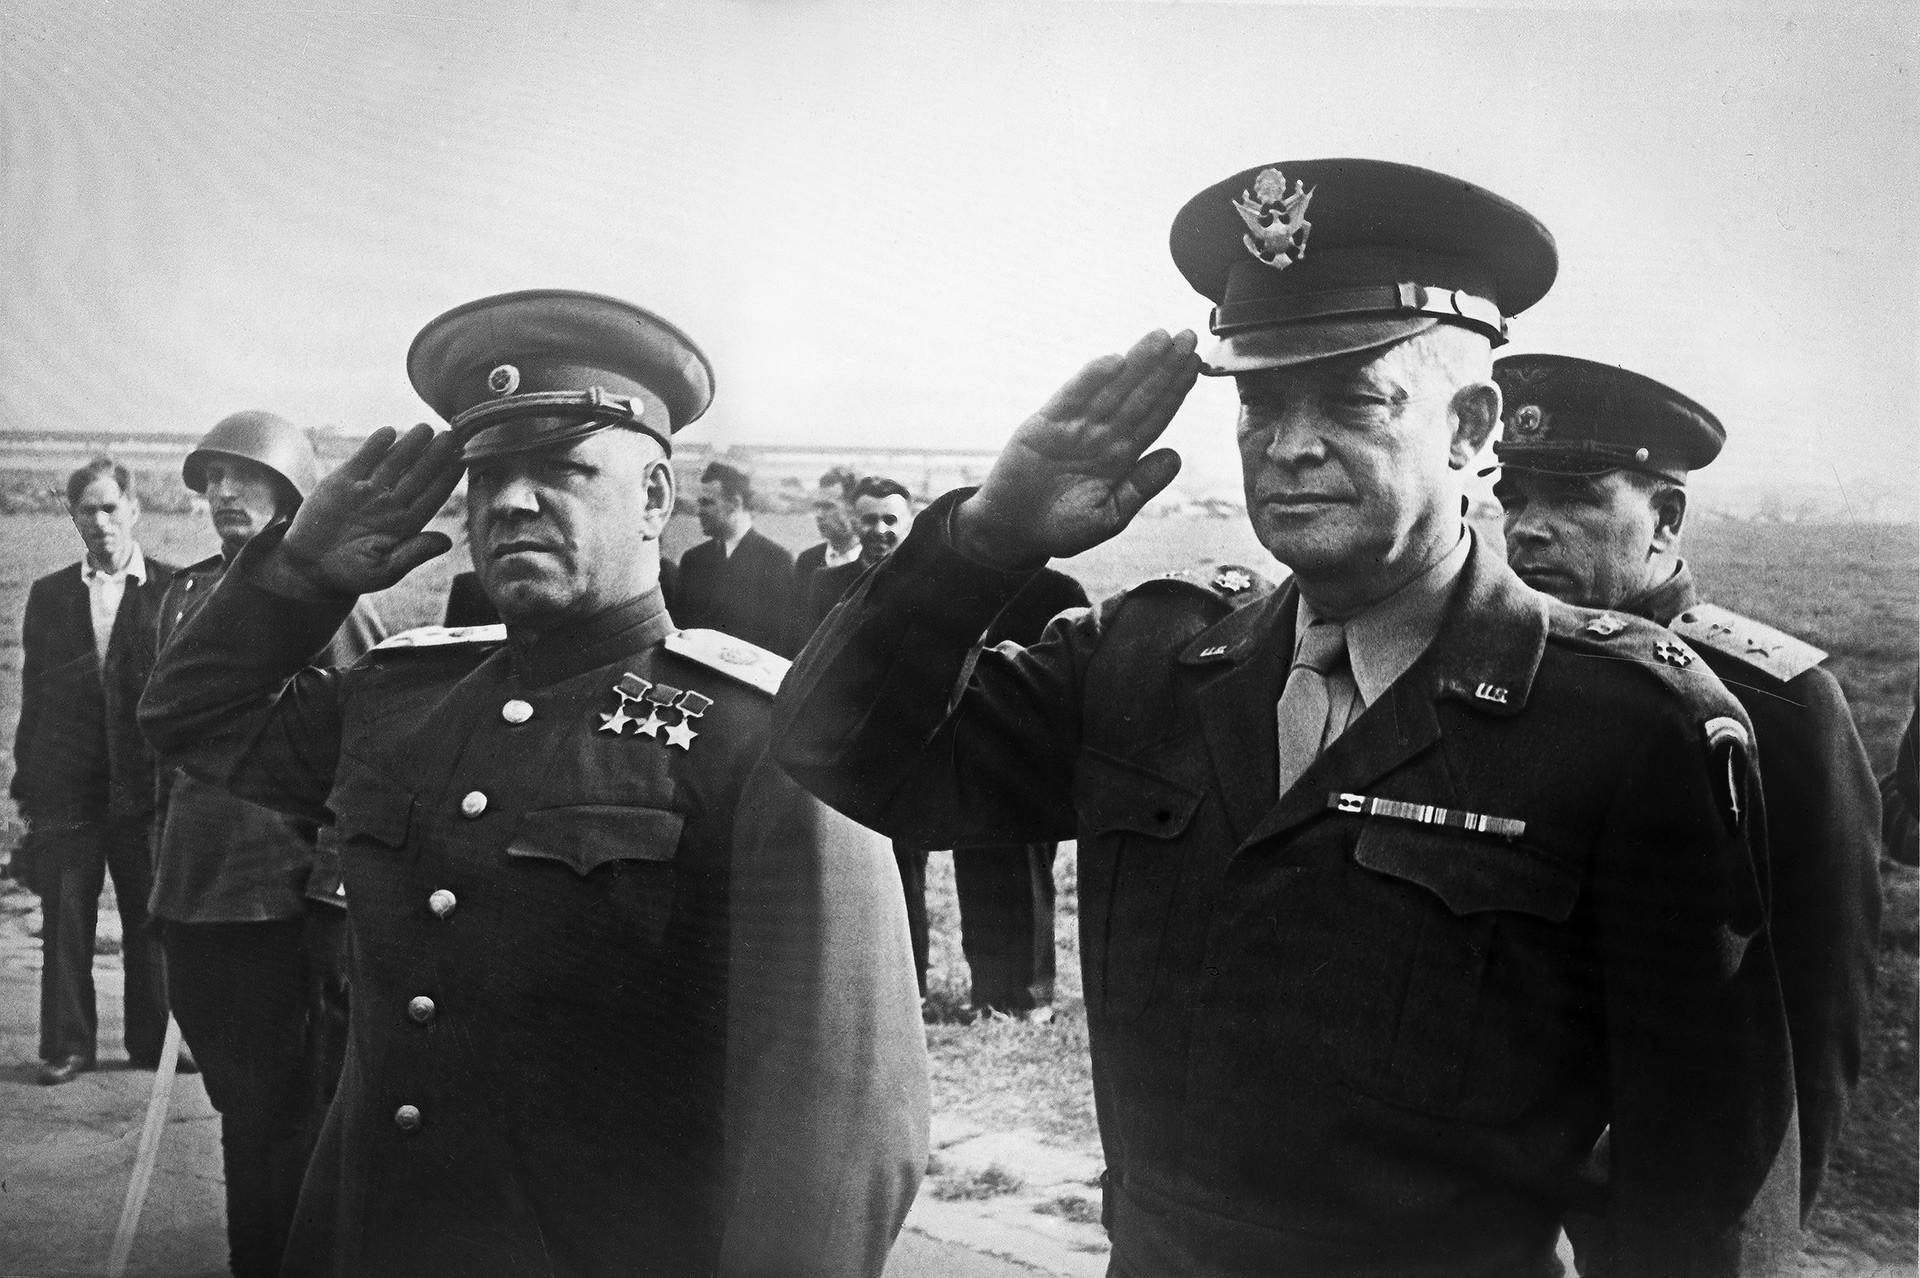 Marechal Jukov e general Dwight D. Eisenhower durante apresentação dos hinos nacionais da URSS e dos EUA, em Moscou